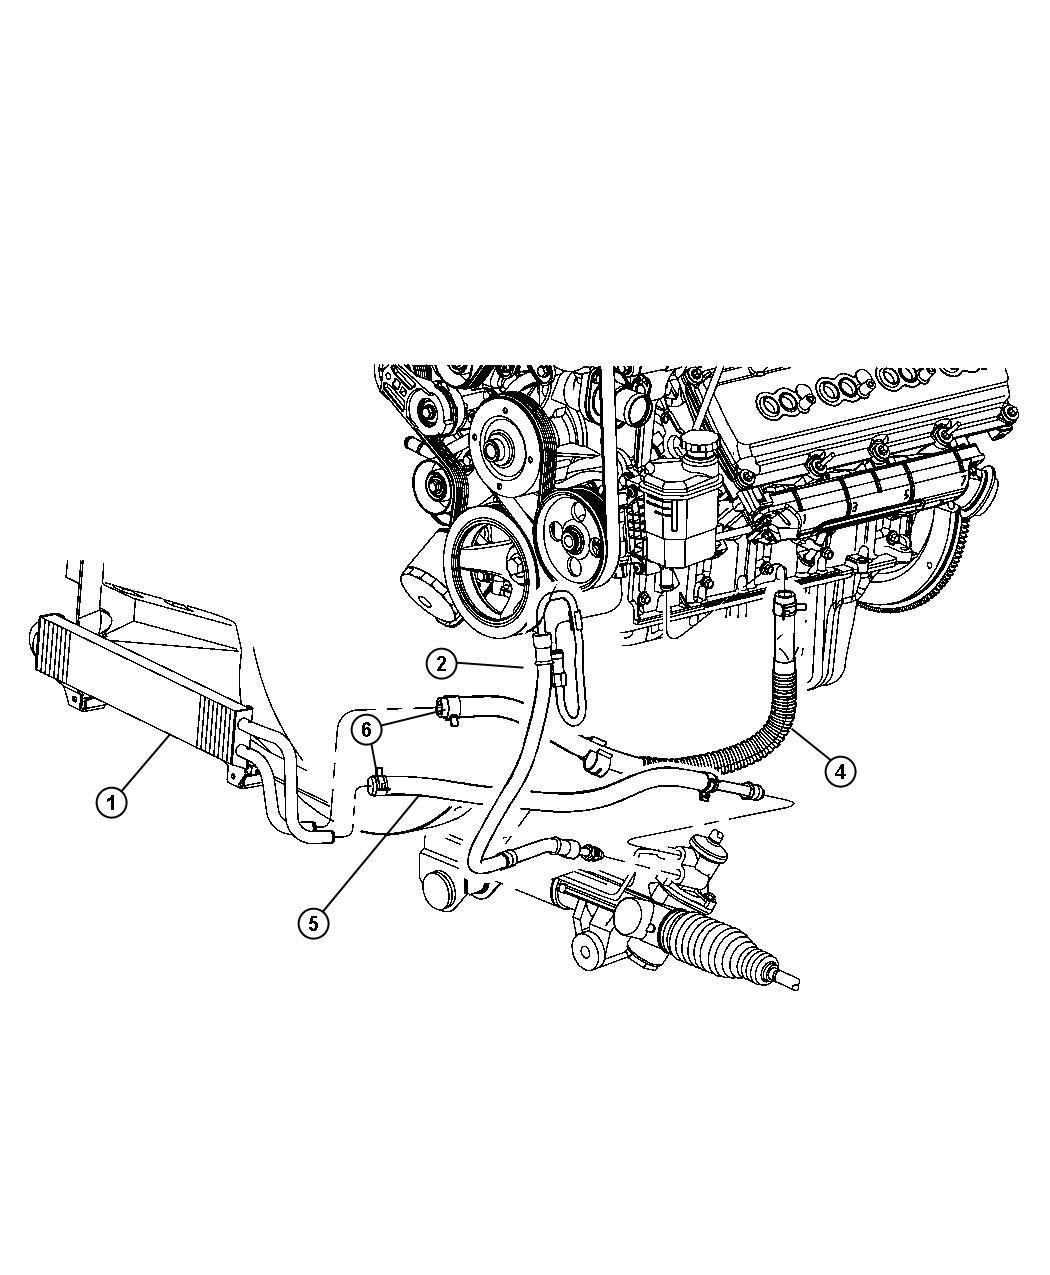 2010 Dodge Ram 2500 Cooler  Power Steering  Hydrobooster